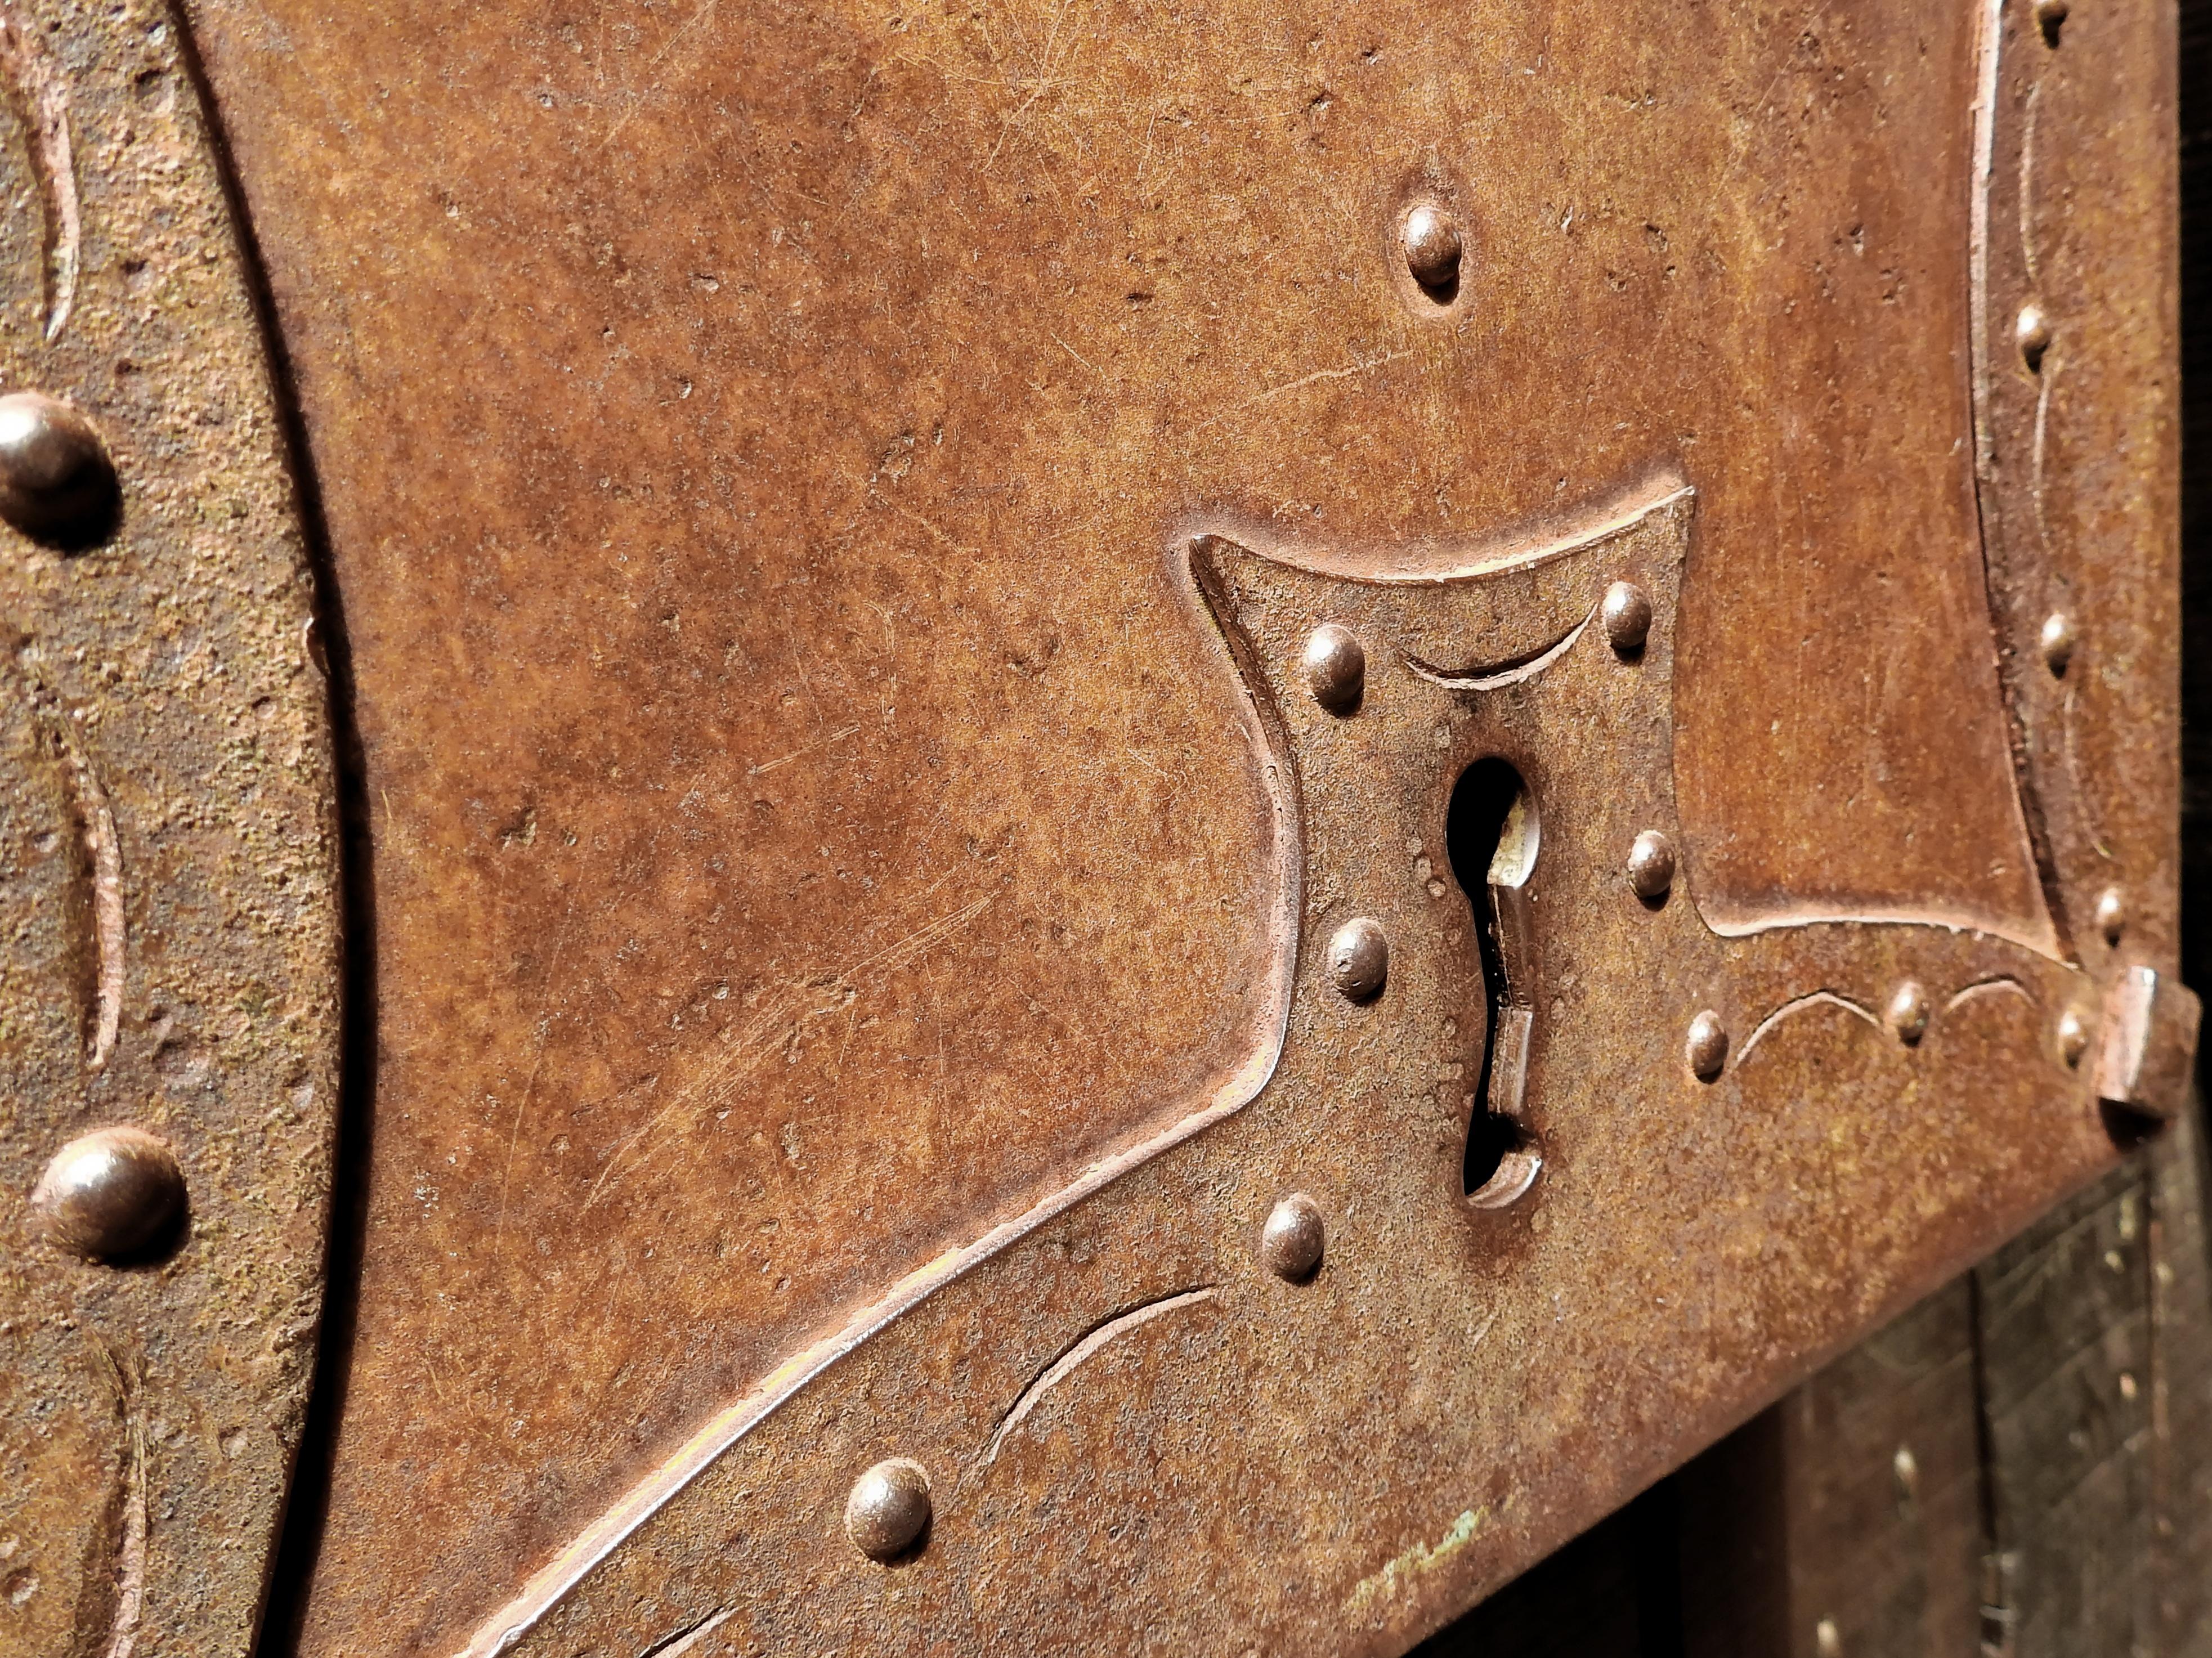 Fotos Gratis Madera Cuero Antiguo N Mero Moho Llave Metal  # Moho Muebles Madera